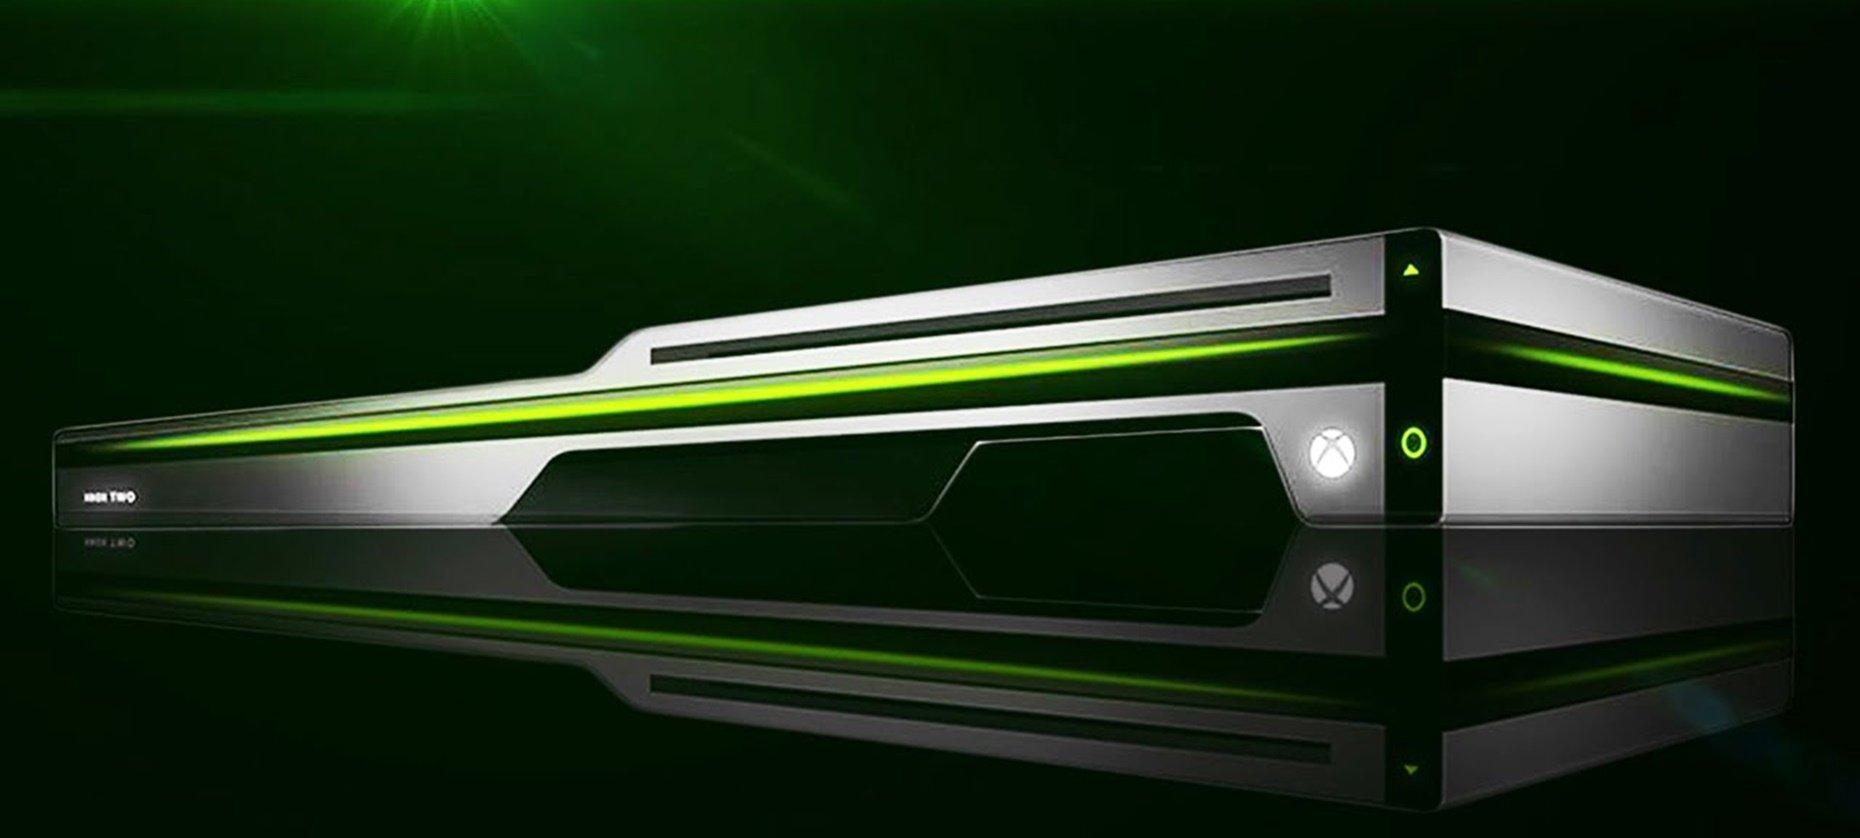 Xbox Two Prxima Gerao Do Console Deve Chegar Apenas Em